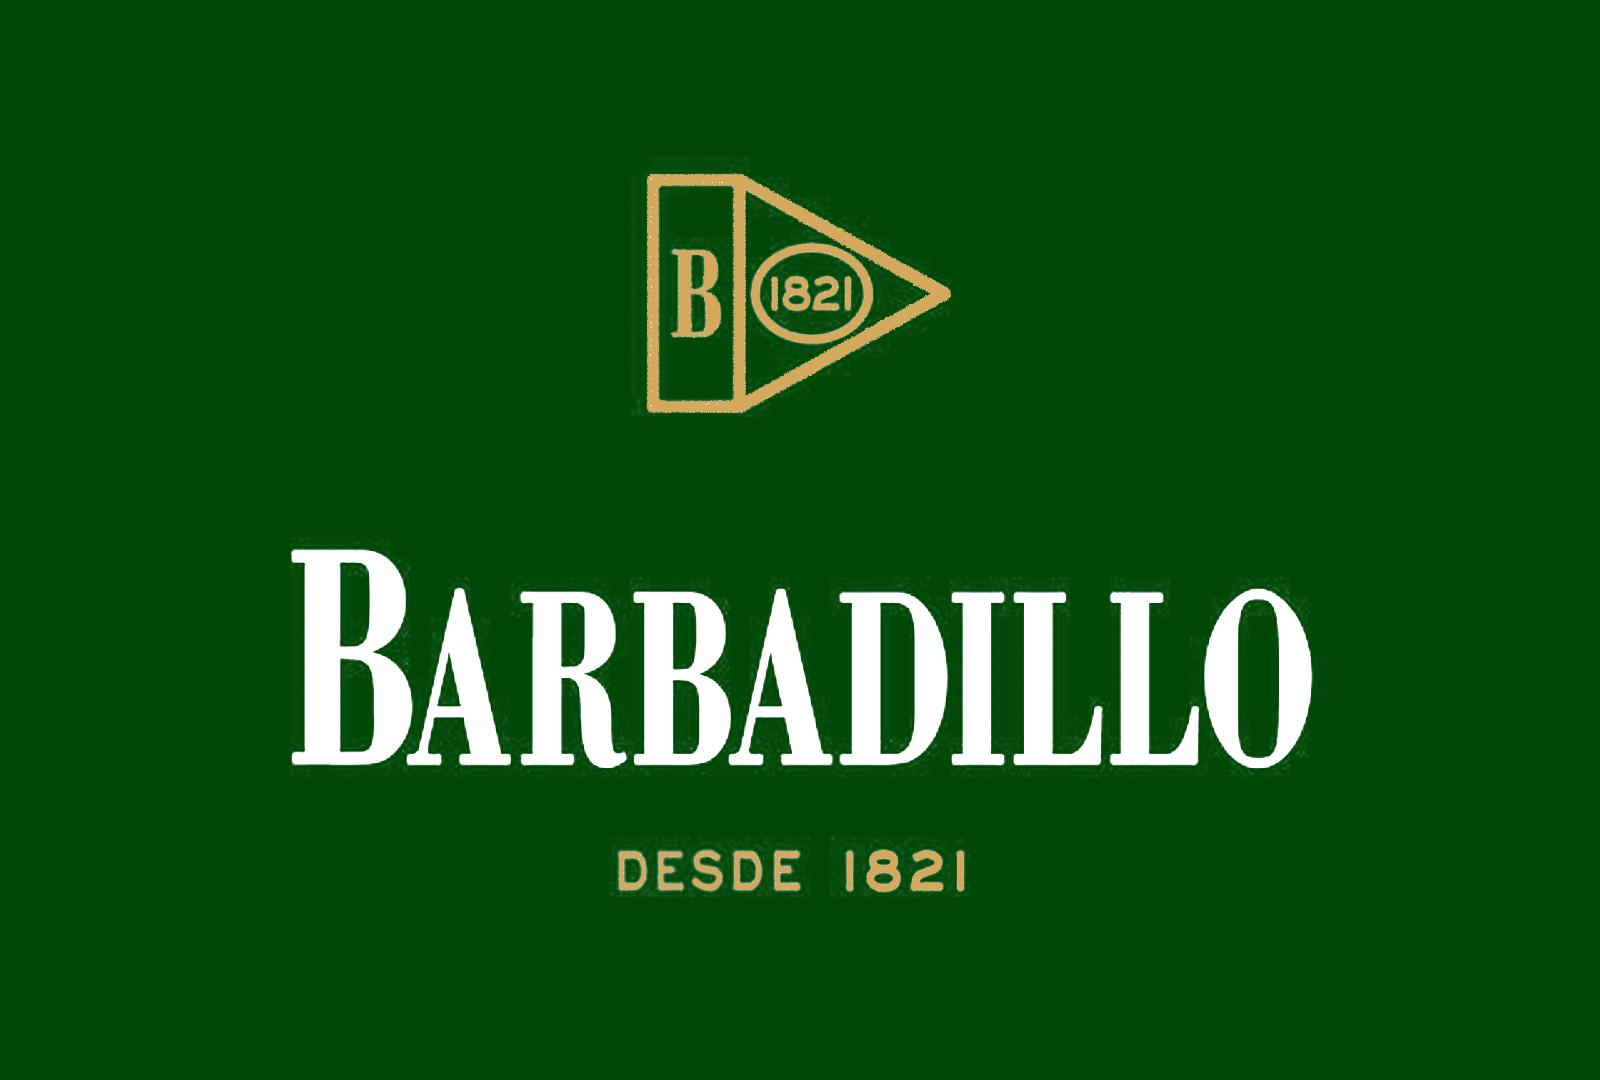 Barbadillo récord de ventas de Manzanilla en la Feria de Abril.